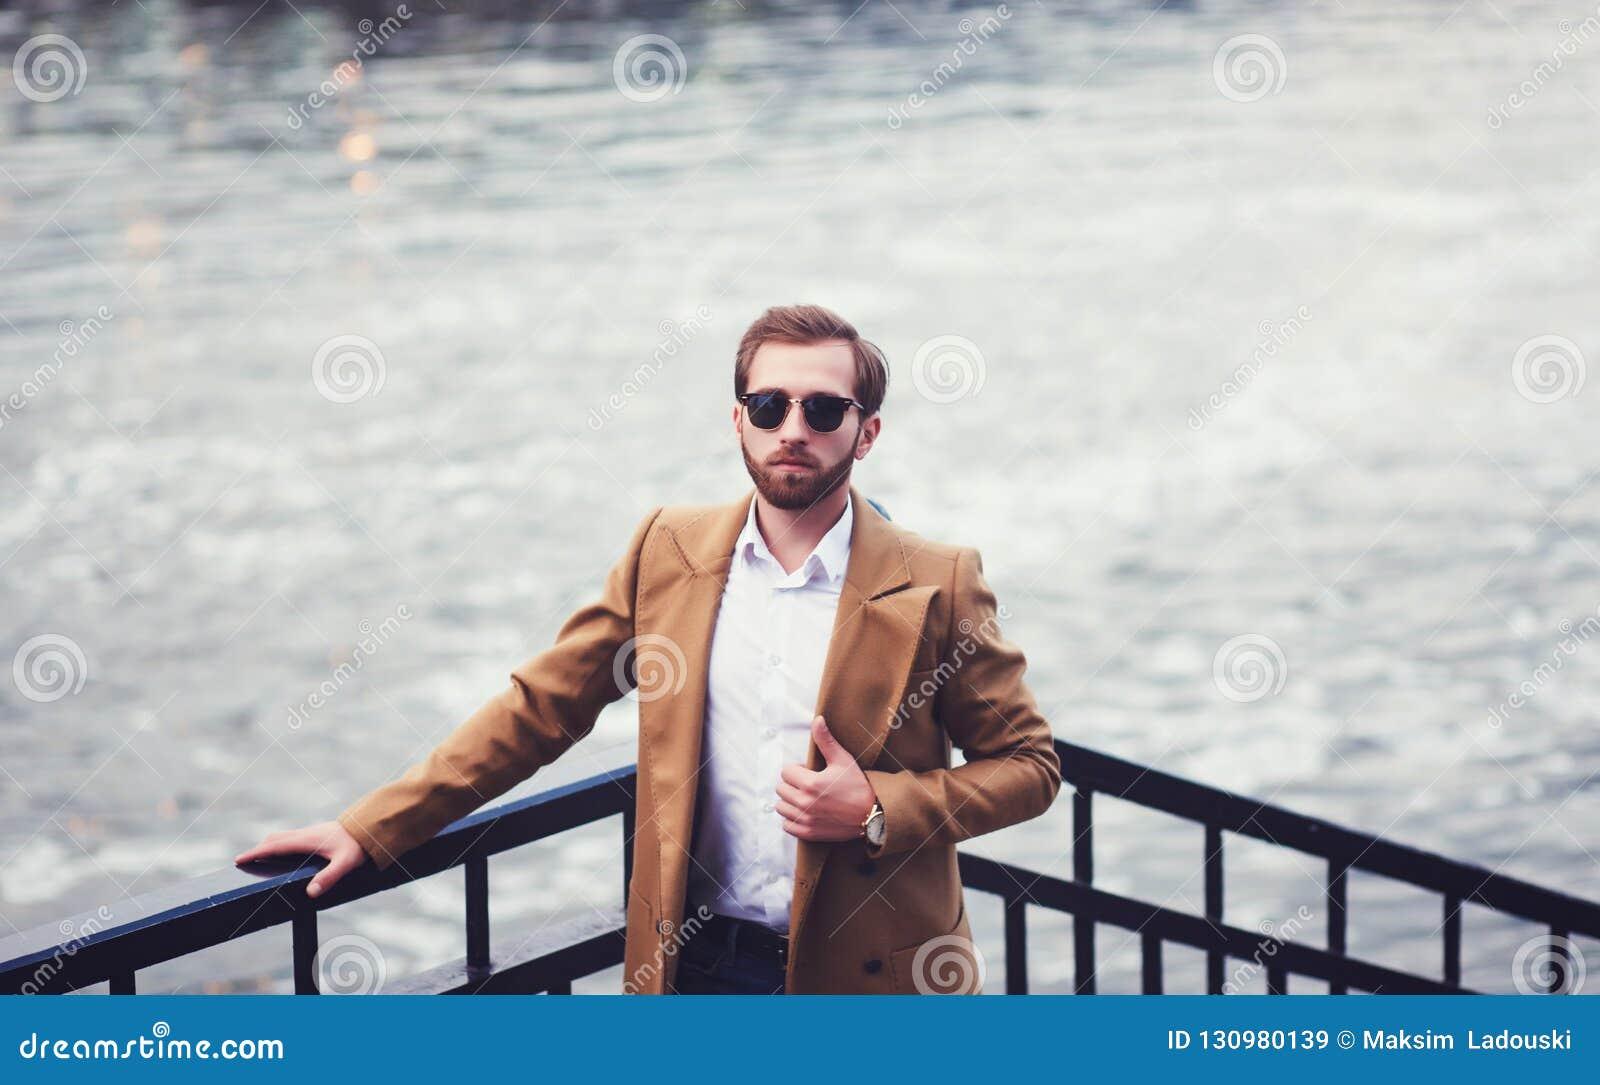 Μοντέρνο άτομο με μια γενειάδα σε ένα παλτό